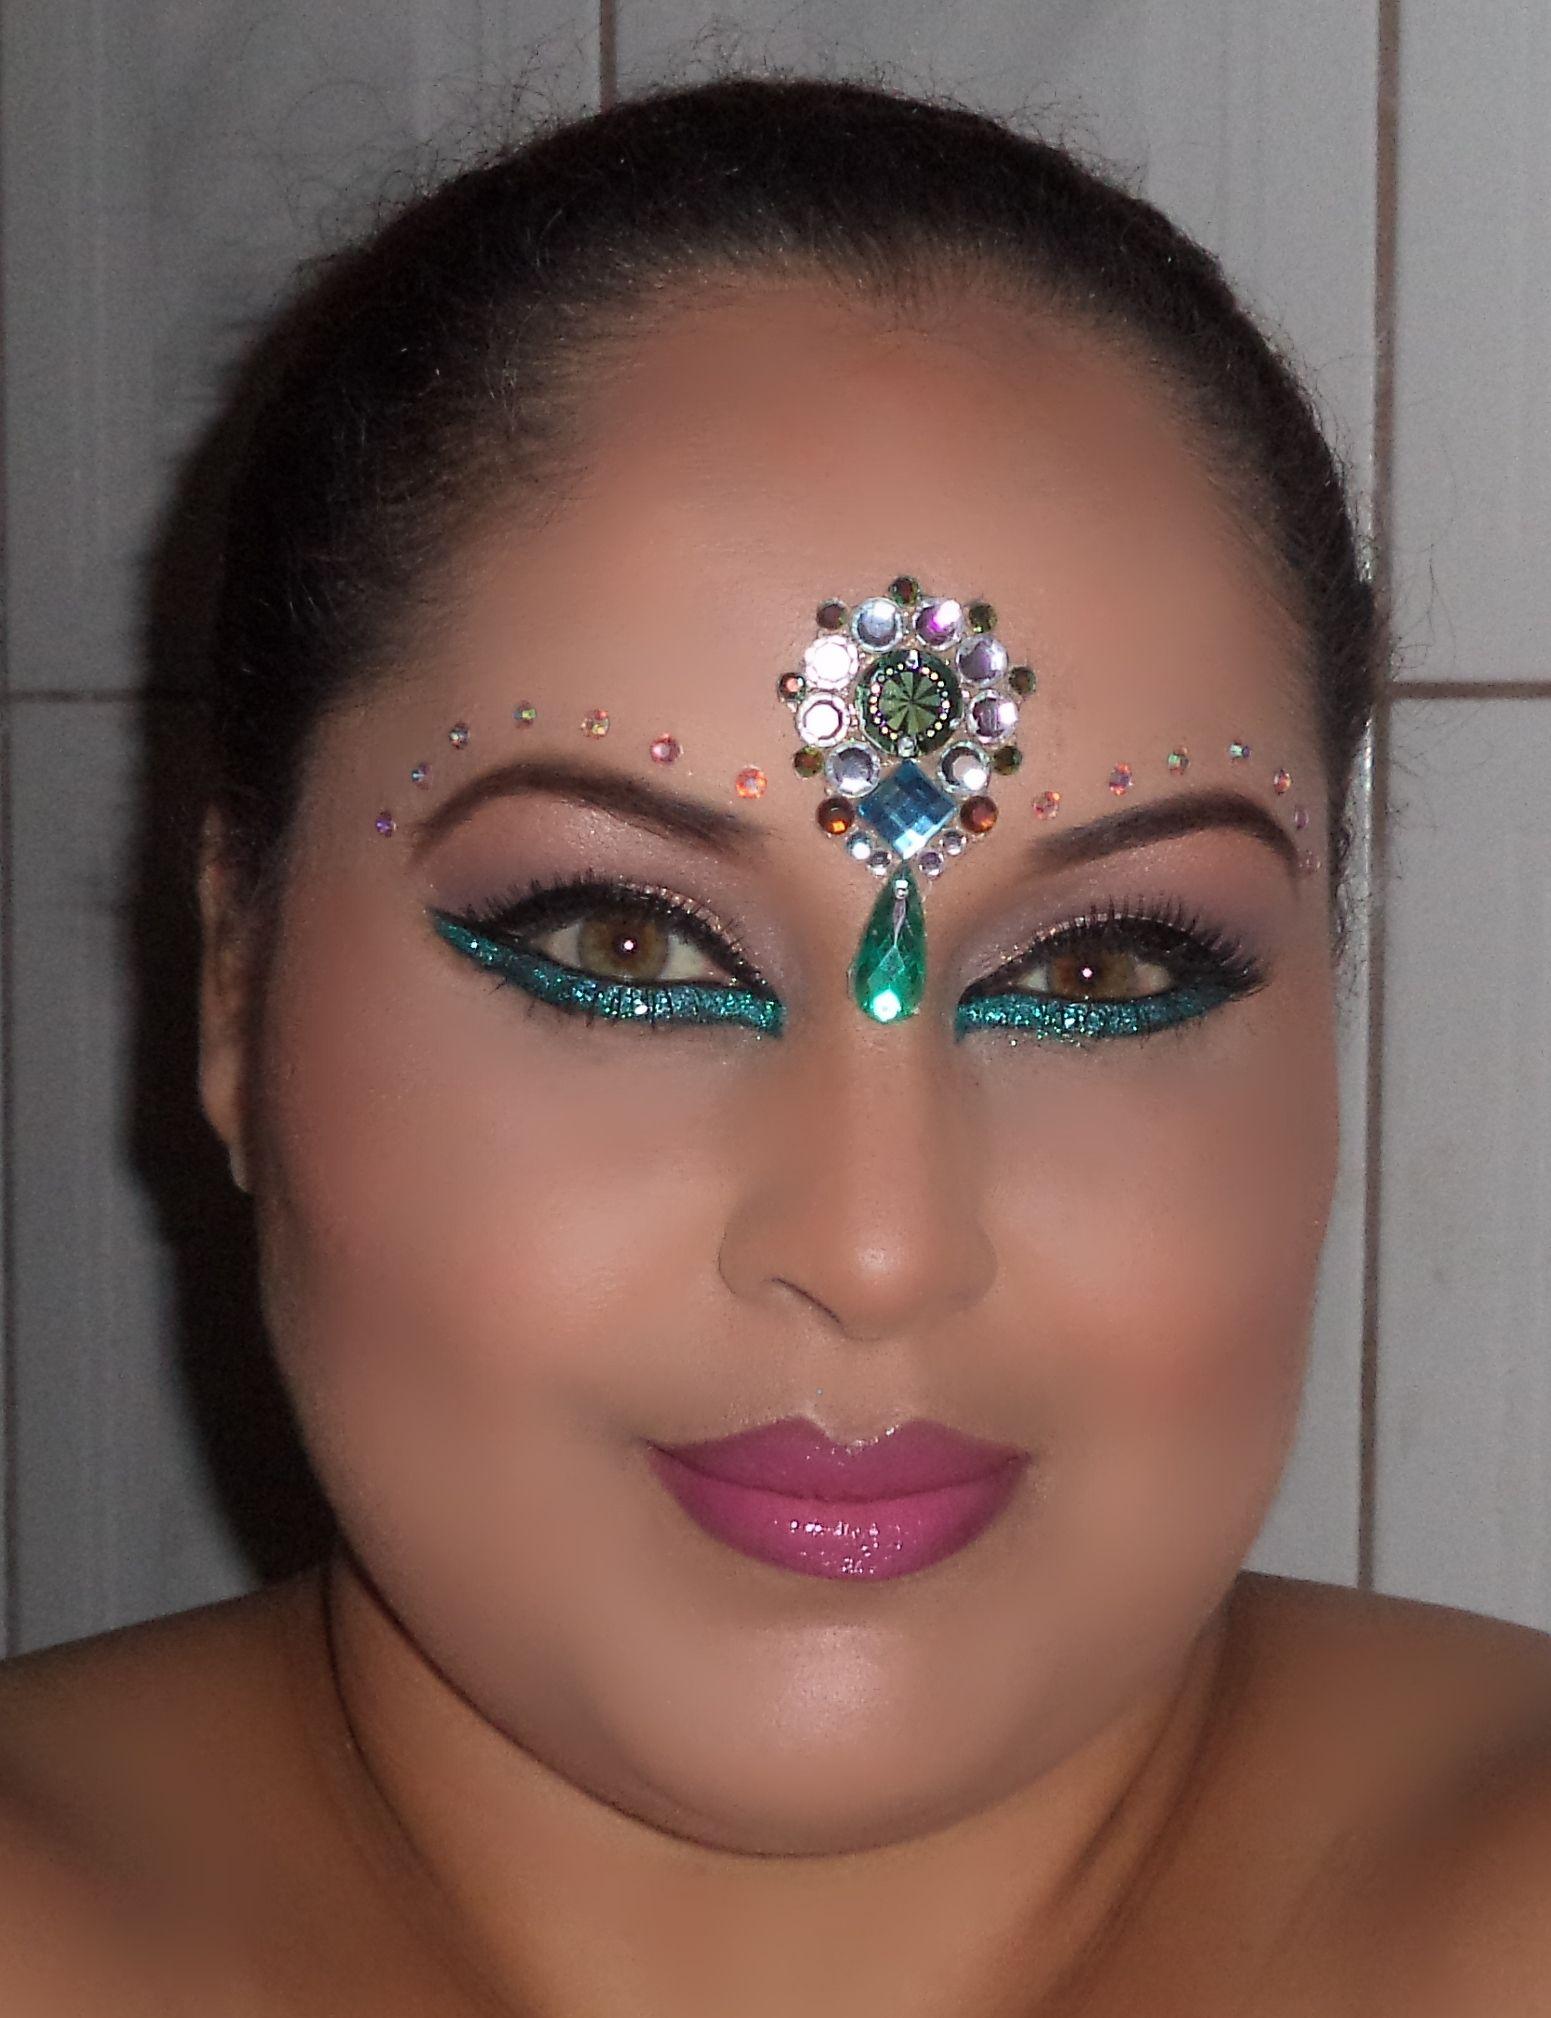 Carnival Makeup, Arabic Makeup, Glitter Makeup ...